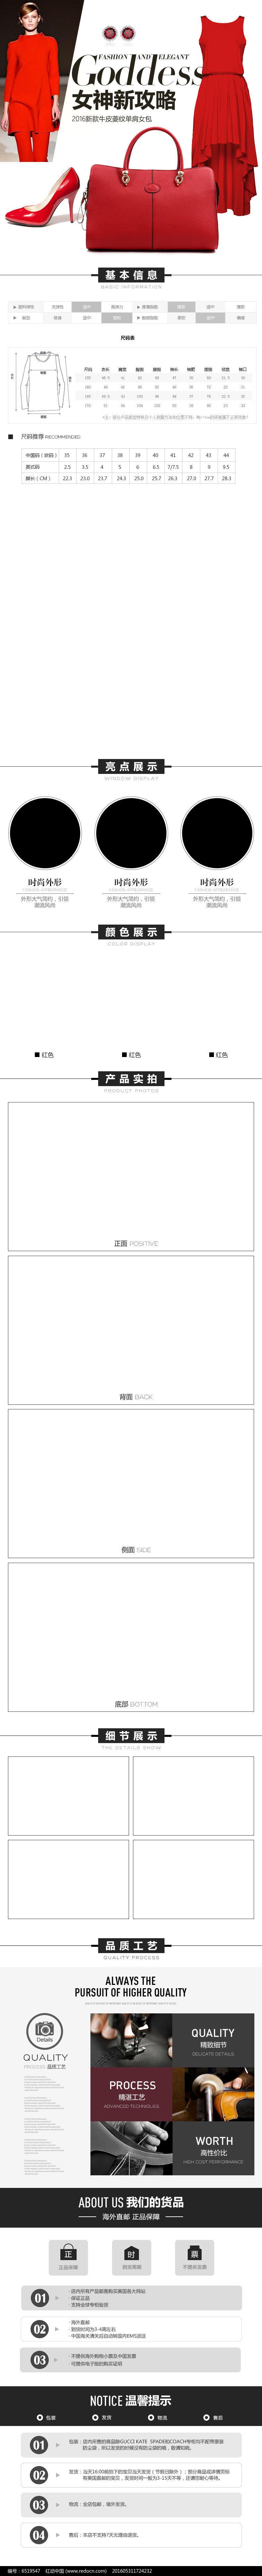 海外代购欧美大牌女装服饰时尚详情页模板图片